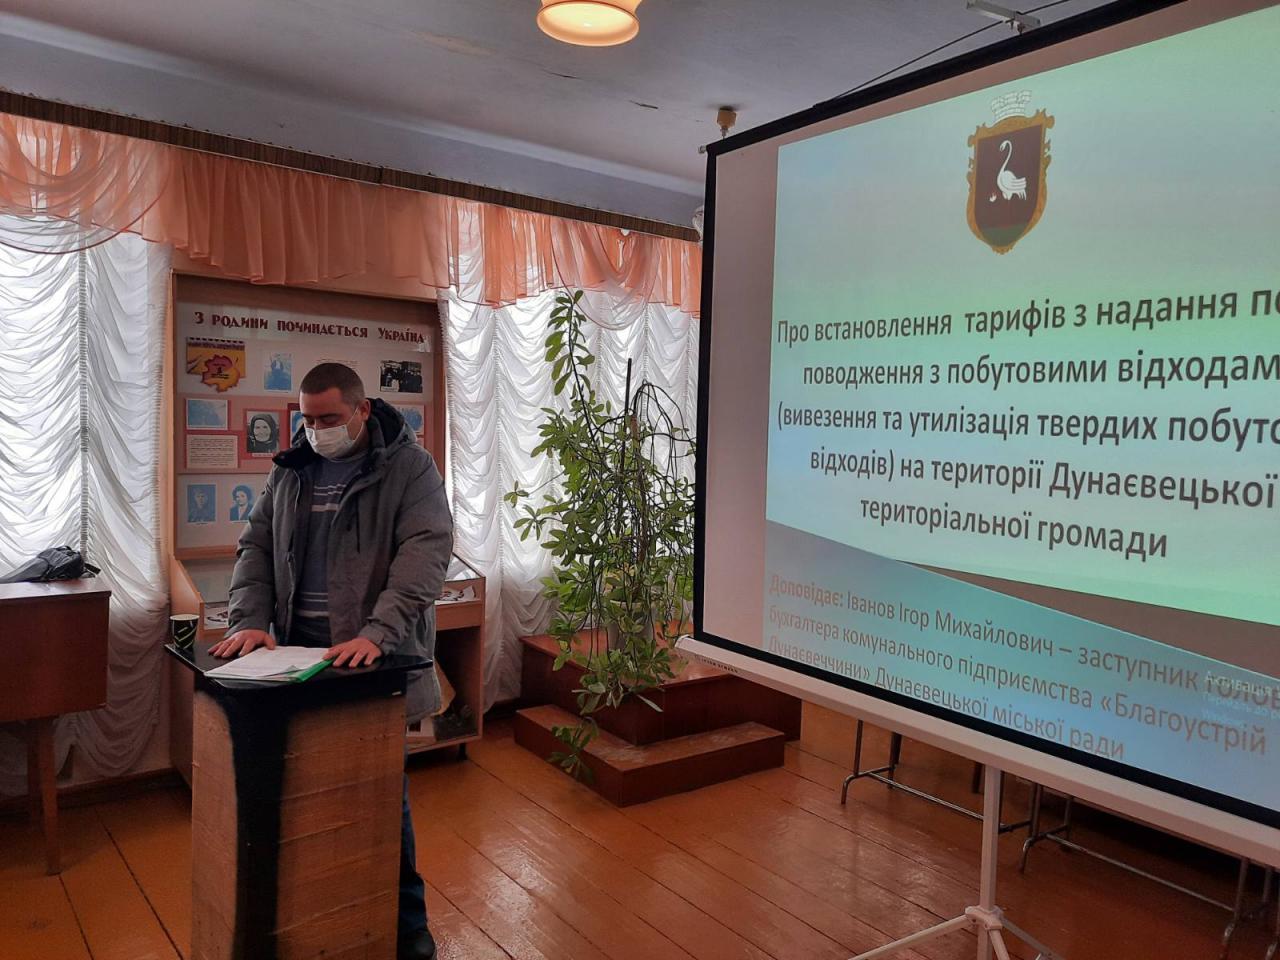 http://dunrada.gov.ua/uploadfile/archive_news/2021/02/18/2021-02-18_8886/images/images-33164.jpg